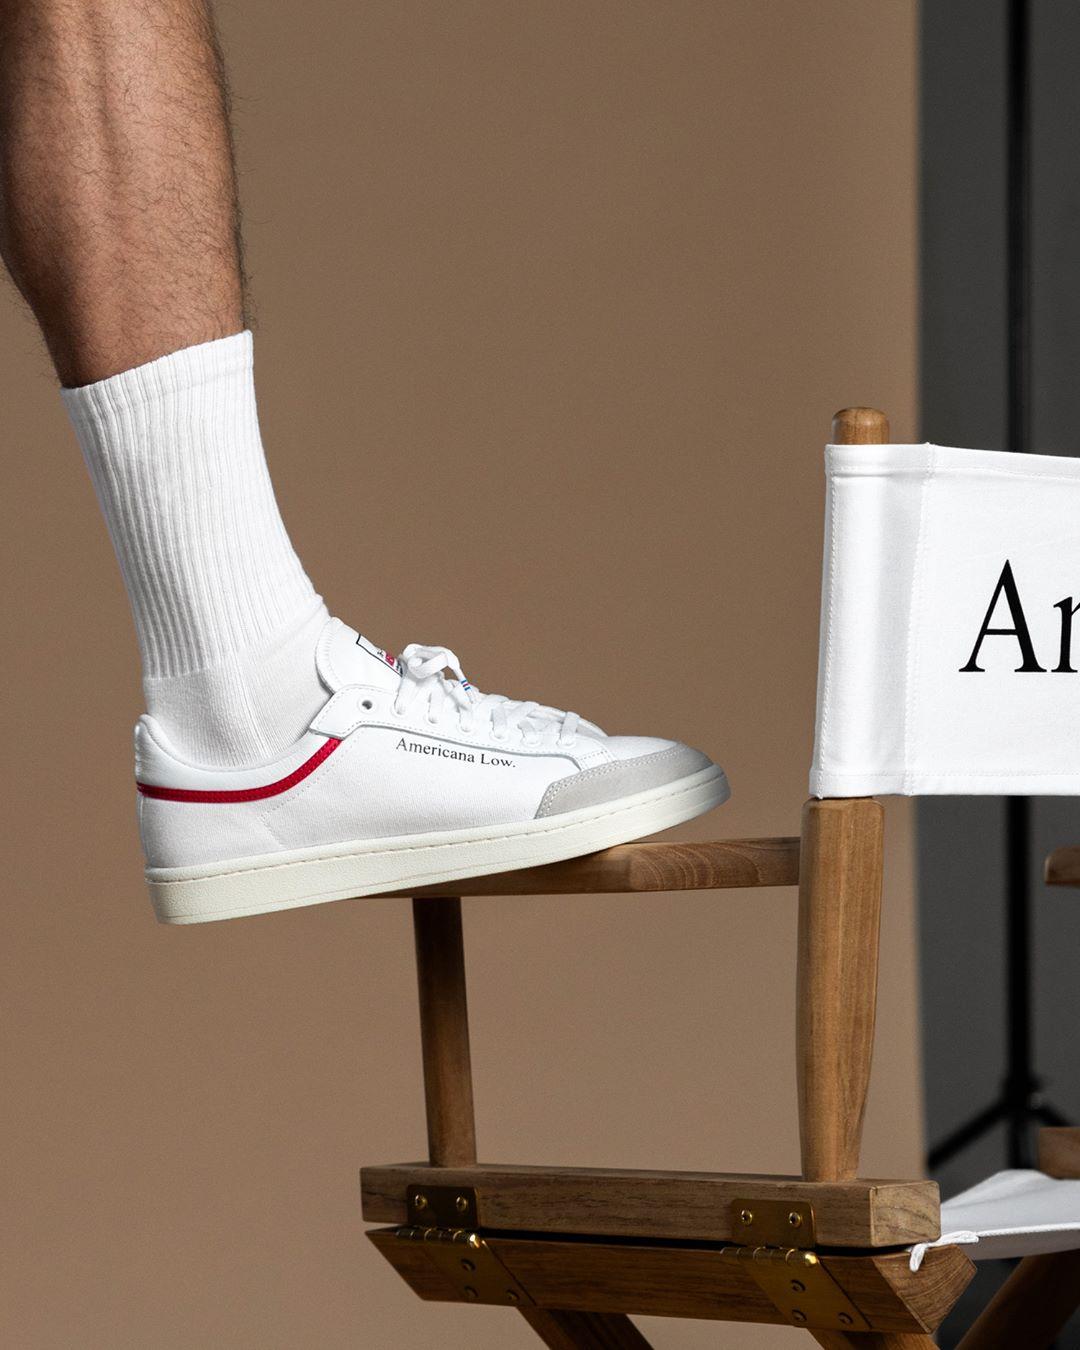 adidas-originals-americana-low-ef6385-sommerschuhe-herren-2020